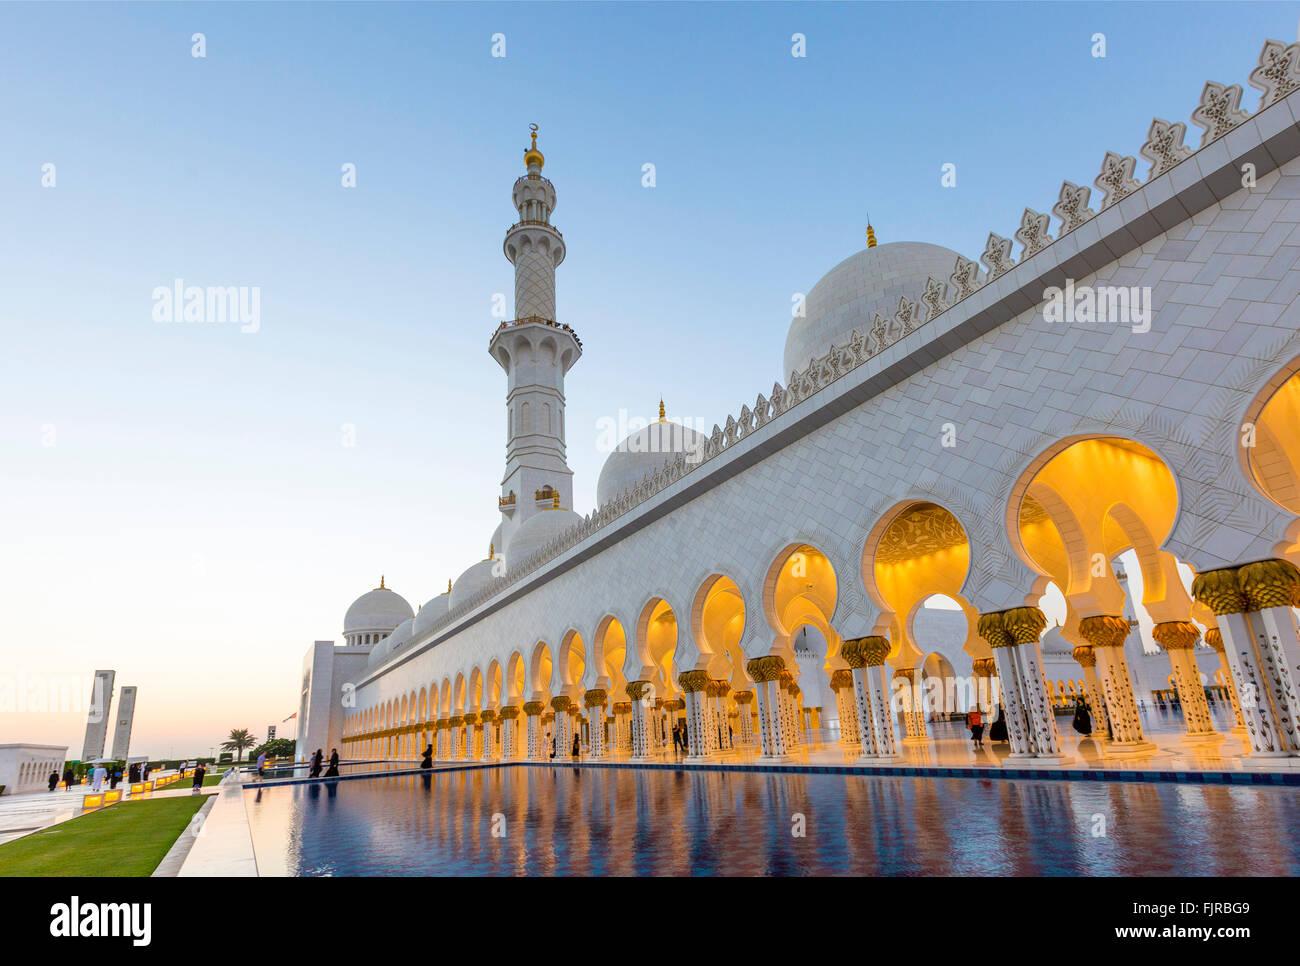 Arcate in Moschea Sheikh Zayed, Sheikh Zayed Grande Moschea di Abu Dhabi, Emirato di Abu Dhabi, Emirati Arabi Uniti Immagini Stock